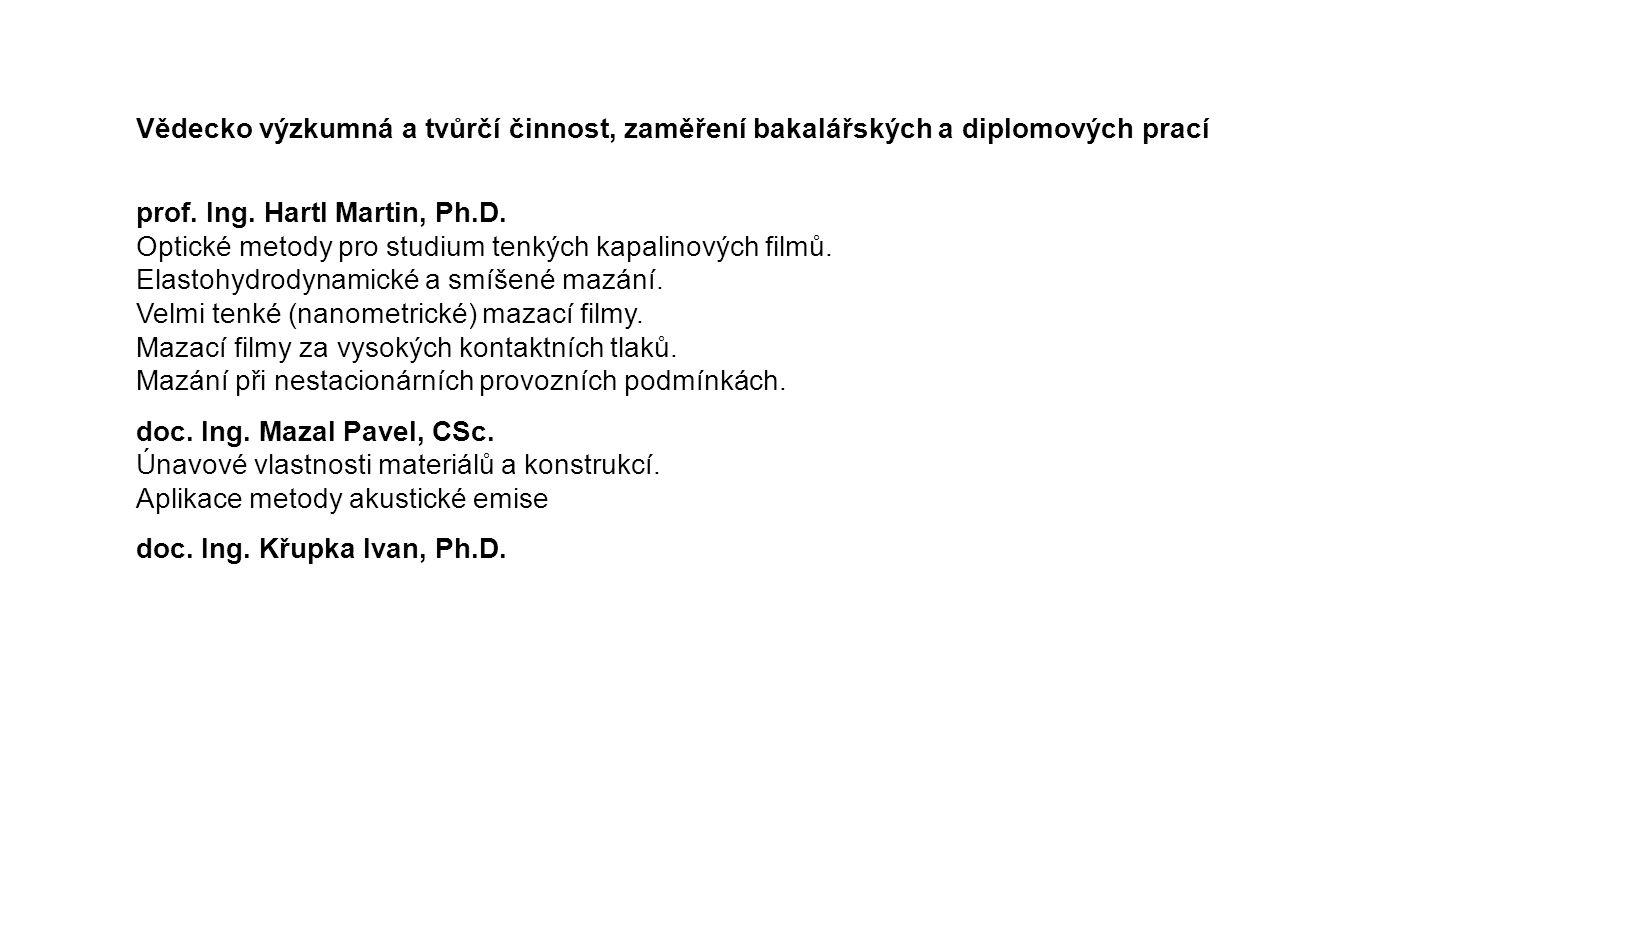 Vědecko výzkumná a tvůrčí činnost, zaměření bakalářských a diplomových prací prof. Ing. Hartl Martin, Ph.D. Optické metody pro studium tenkých kapalin